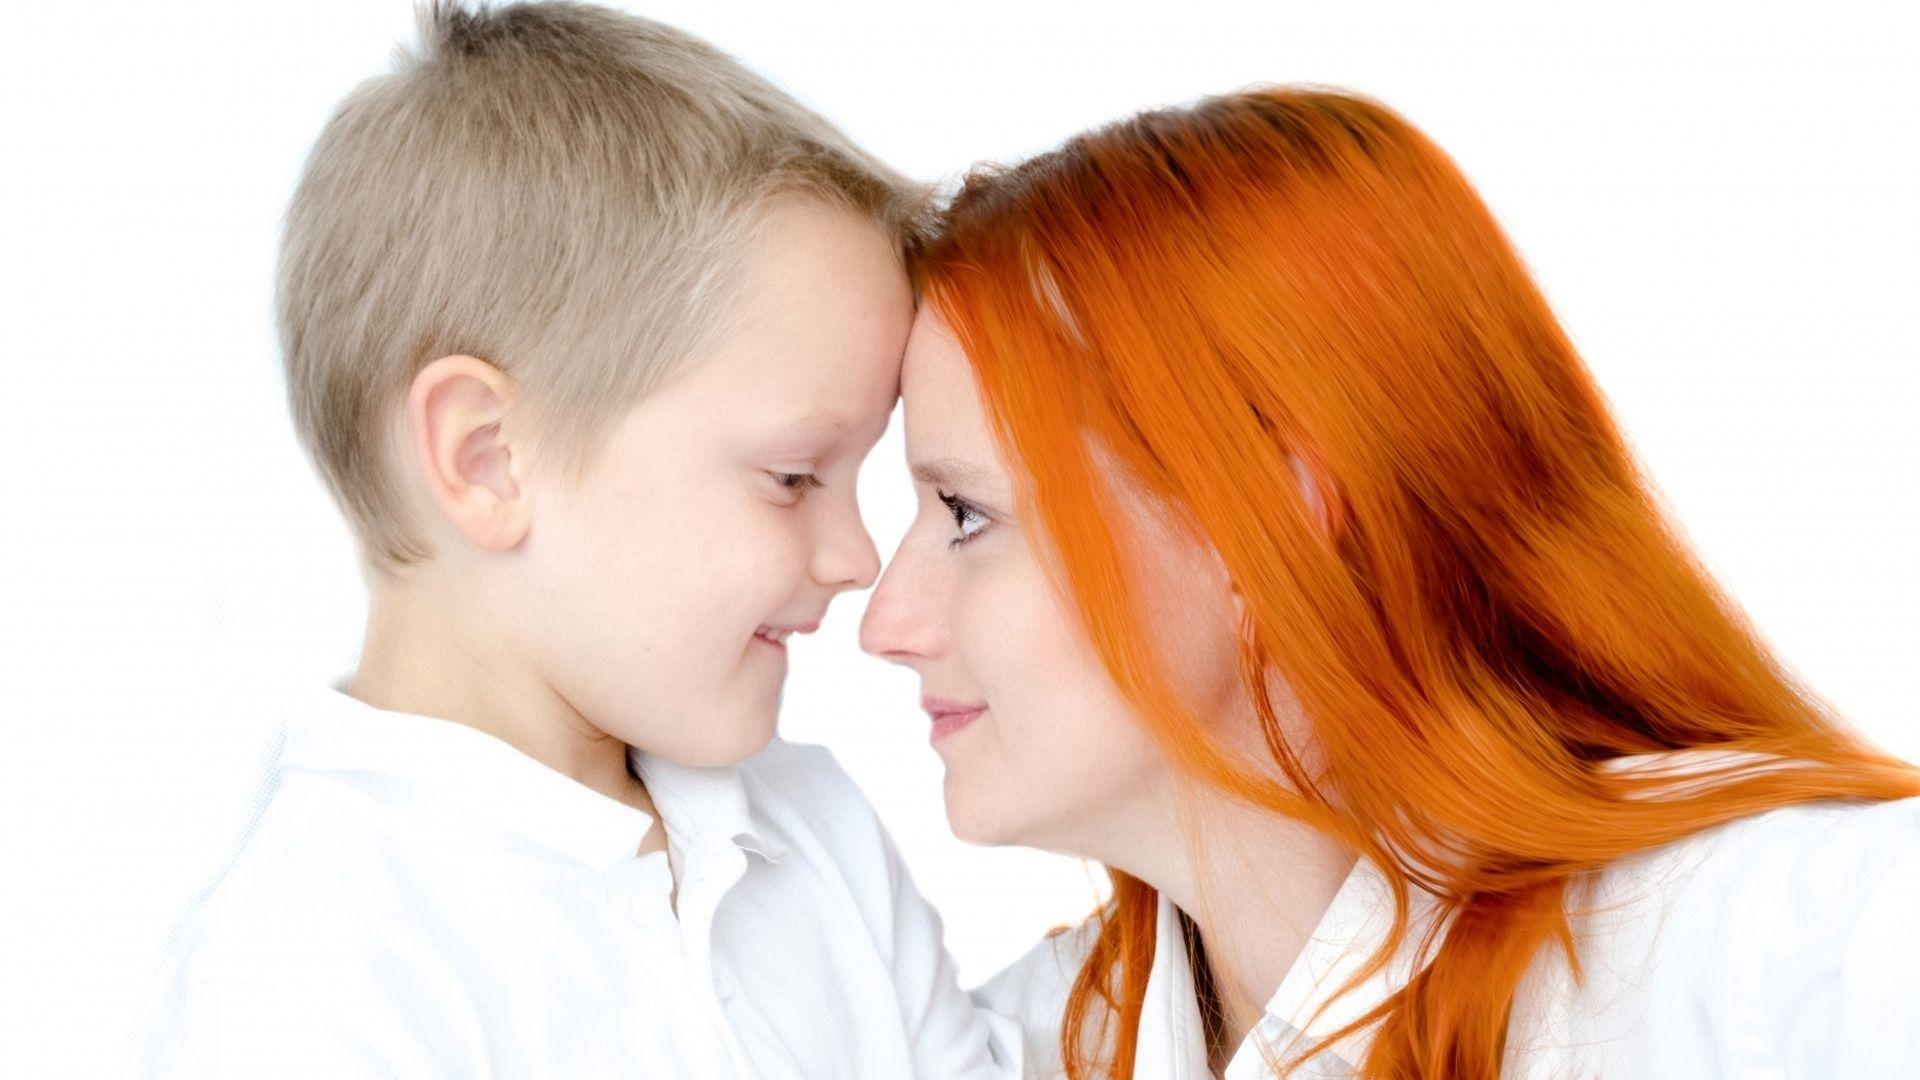 Misure urgenti in materia di assegno temporaneo per figli minori.